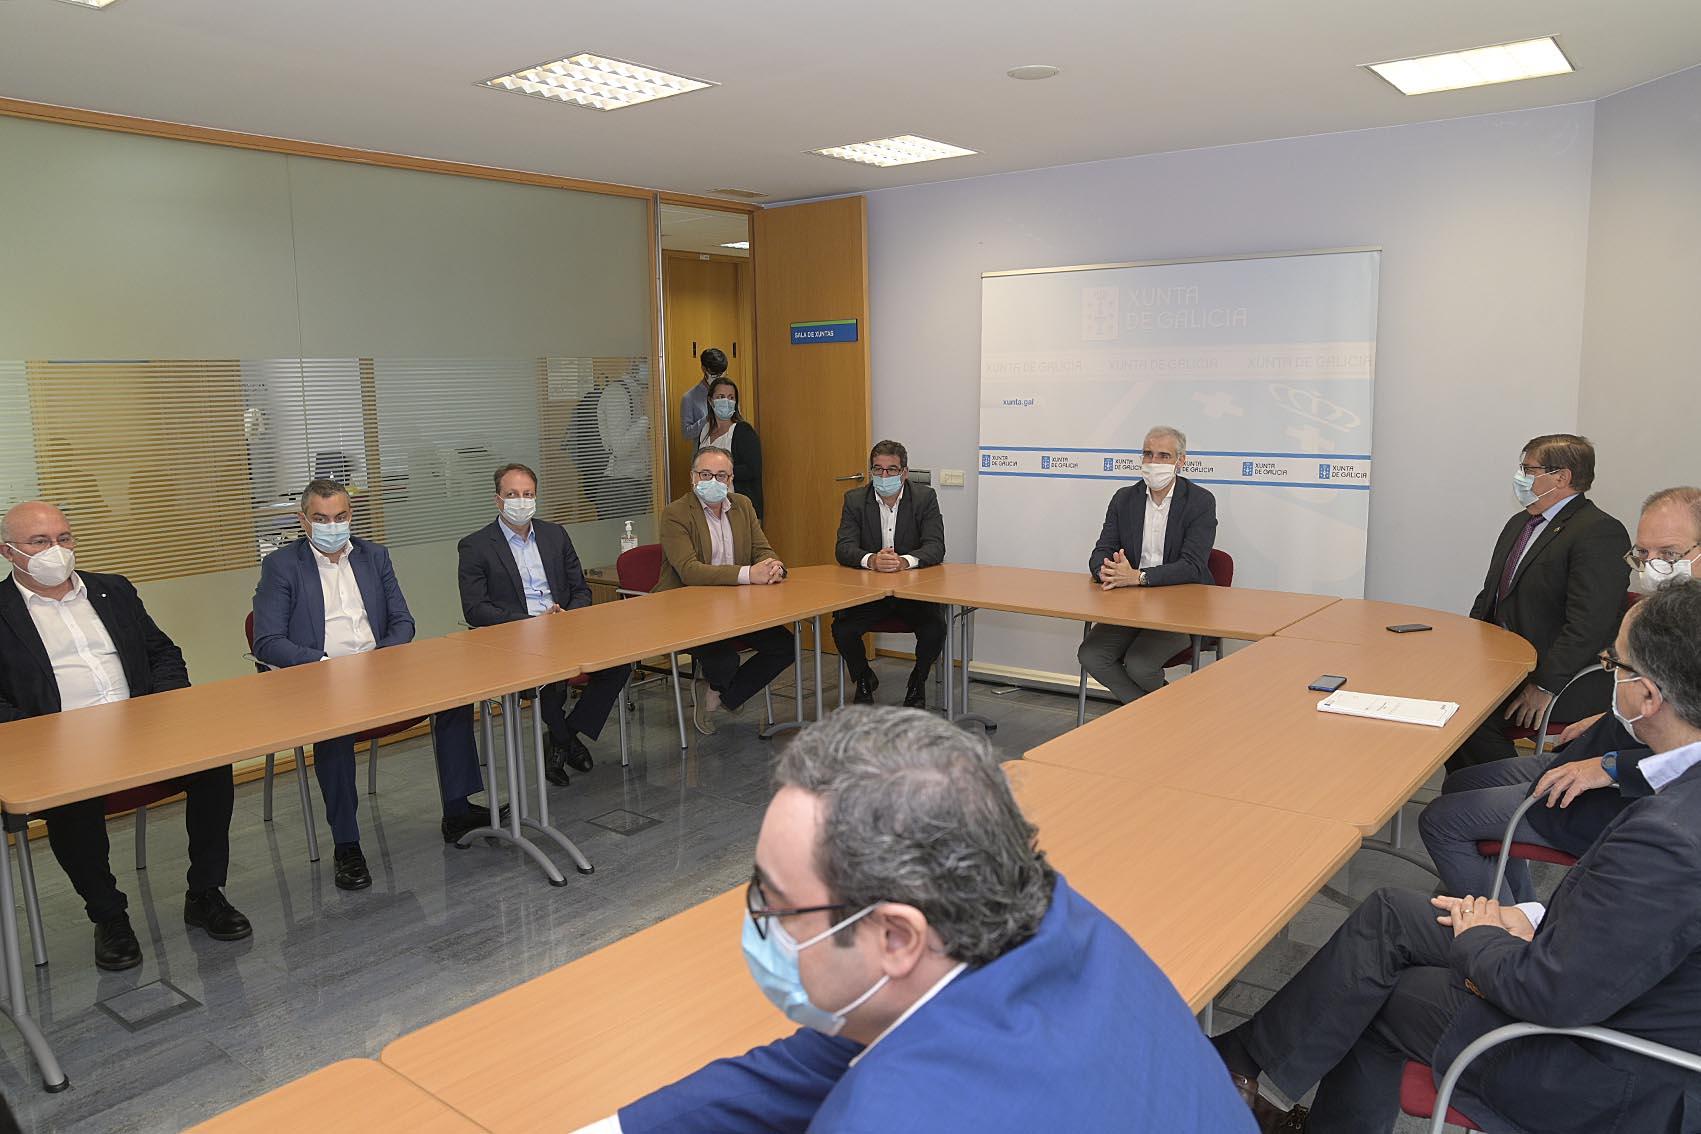 Reunión sobre o centro de fabricación avanzada da Cidade das TIC.